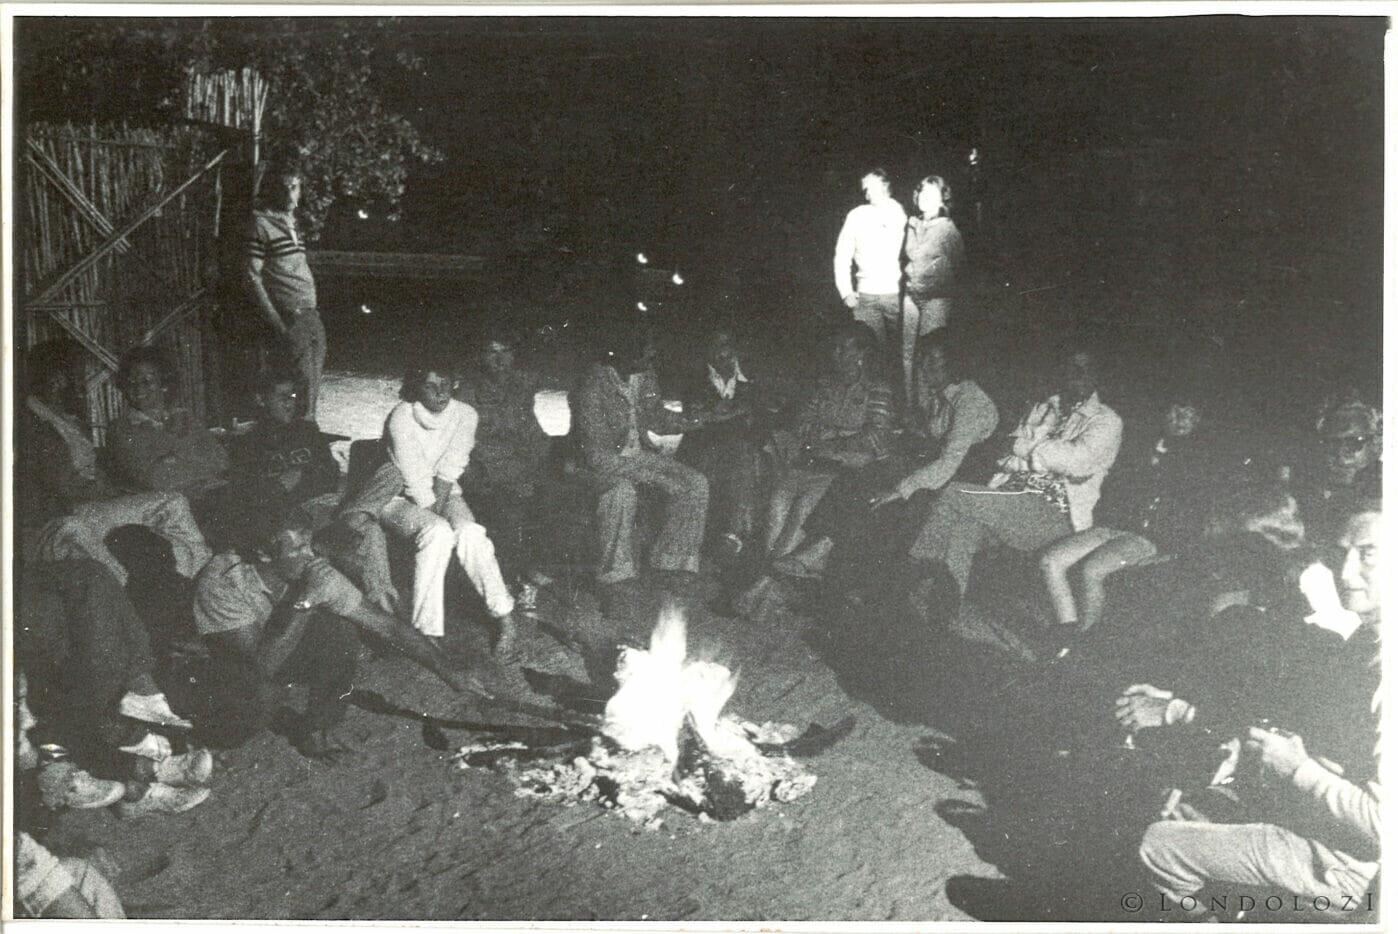 Bonfireboma